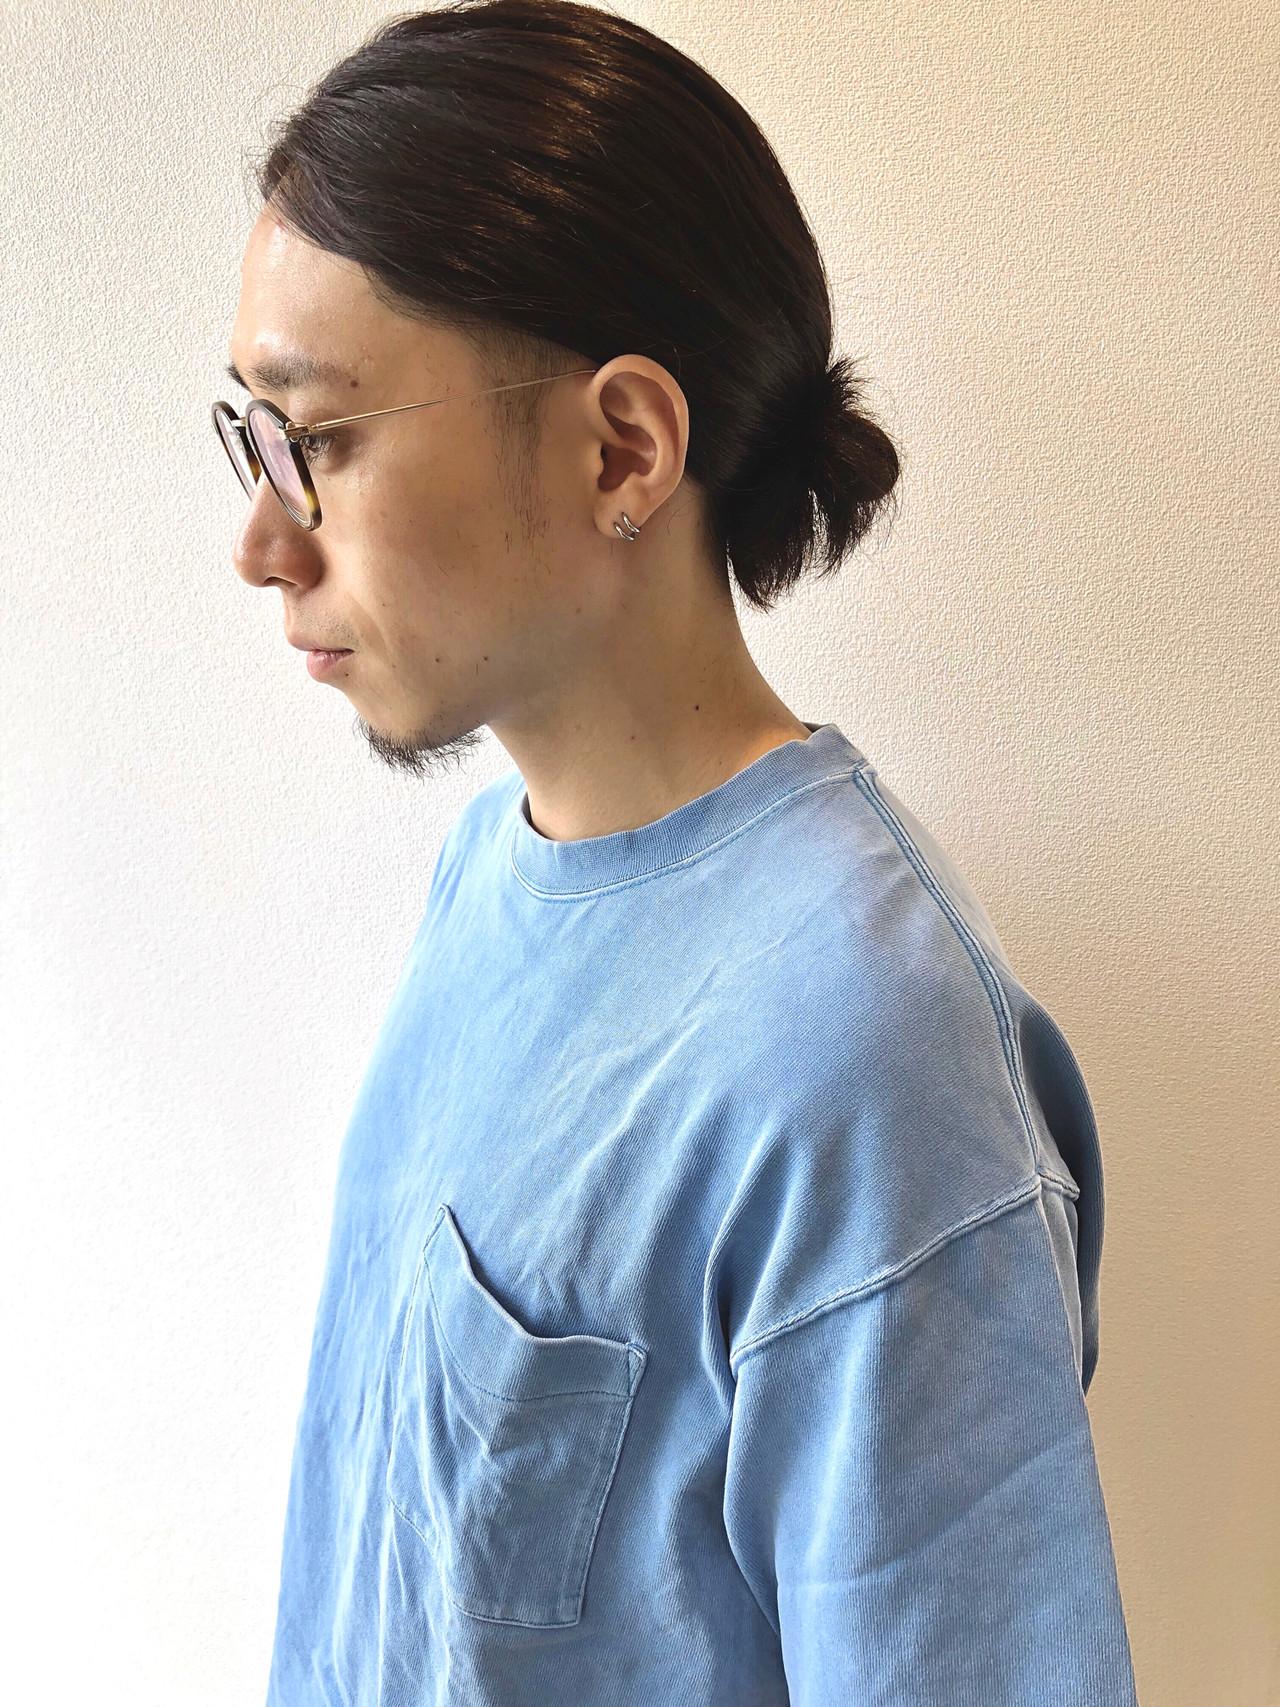 髪をひとつ結びにしたロングヘアの男性